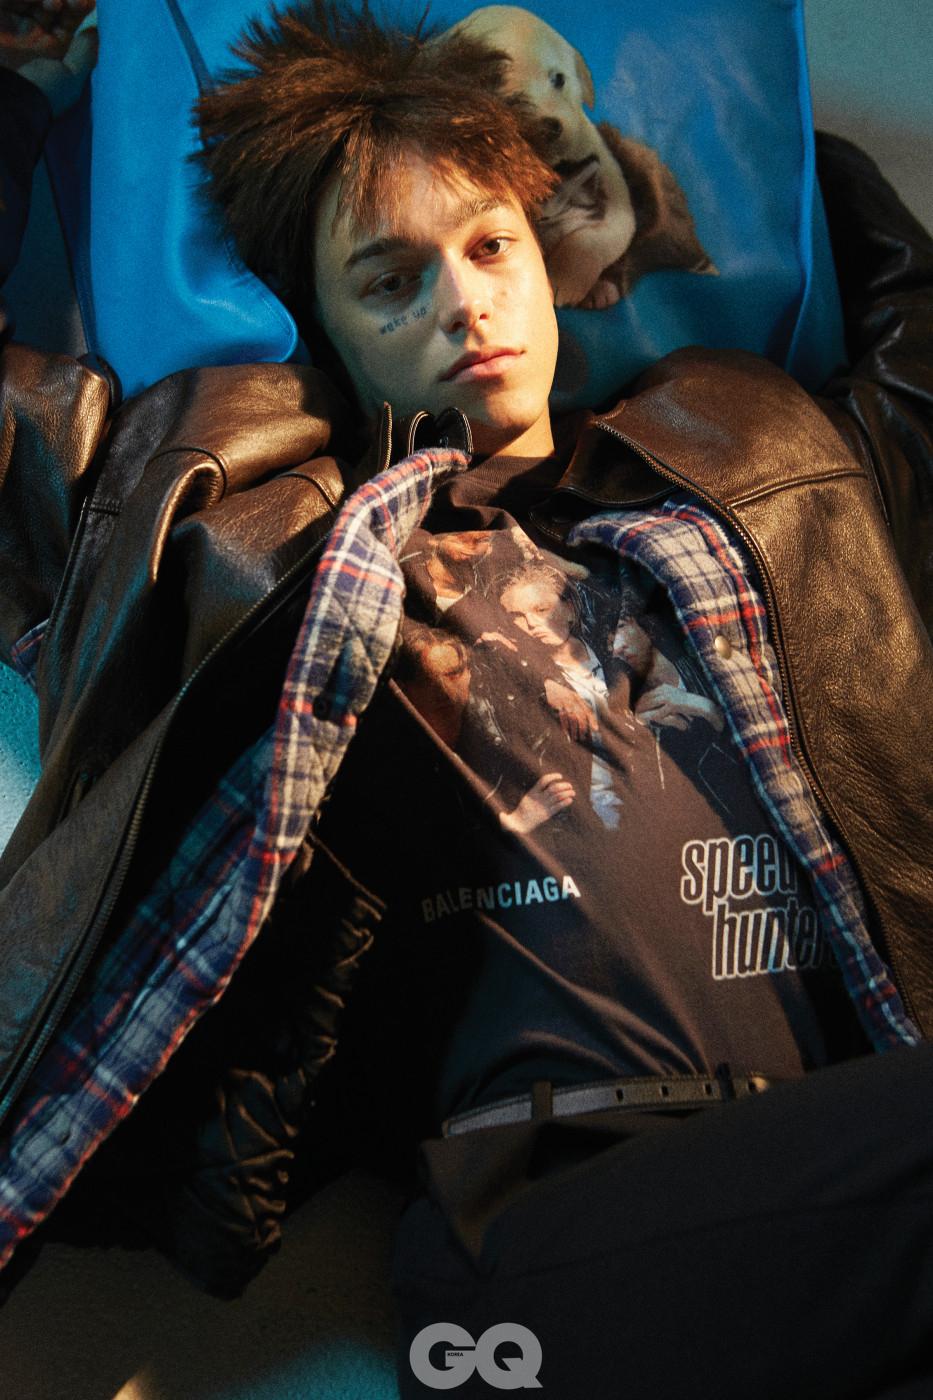 트롱 프뢰유 레더 베스트와 셔츠 가격 미정, 스피드헌터 티셔츠 60만원대, 팬타삭스와 슬림 벨트, 마켓 쇼퍼 백 가격 미정, 모두 발렌시아가.